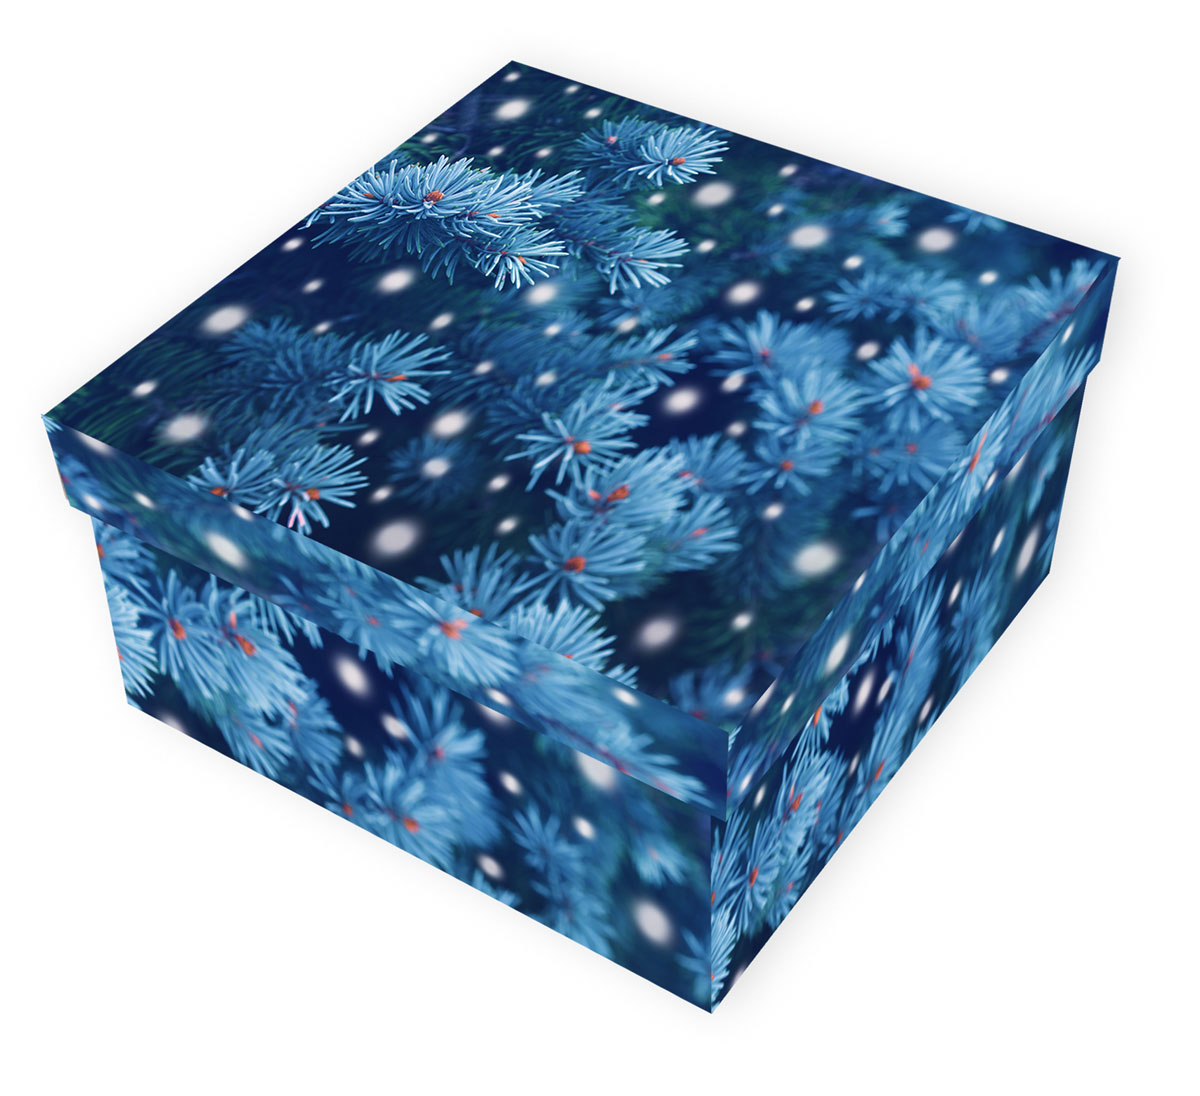 Коробка подарочная Proffi Home Снежная ель, 12 х 22 х 22 смPH7828Большие картонные коробкиProffi Home Снежная ель идеально подходят для упаковки объемных подарков. Коробка изготовлена из плотного цветного картона.